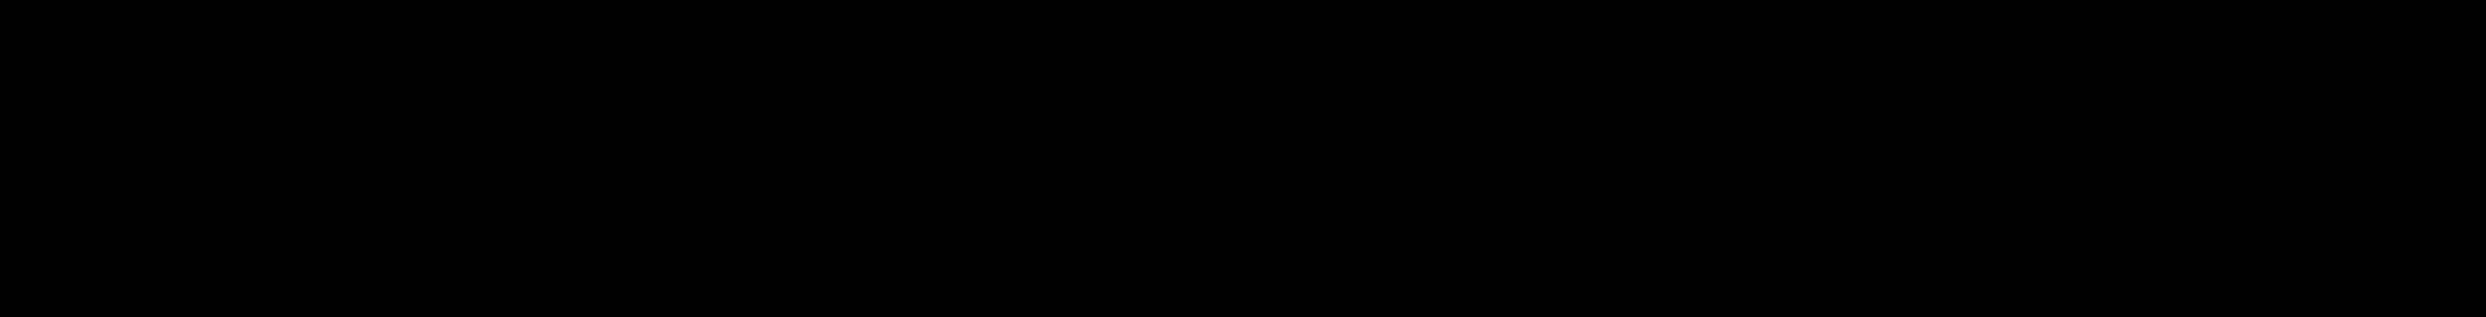 Loblaw Digital 로고